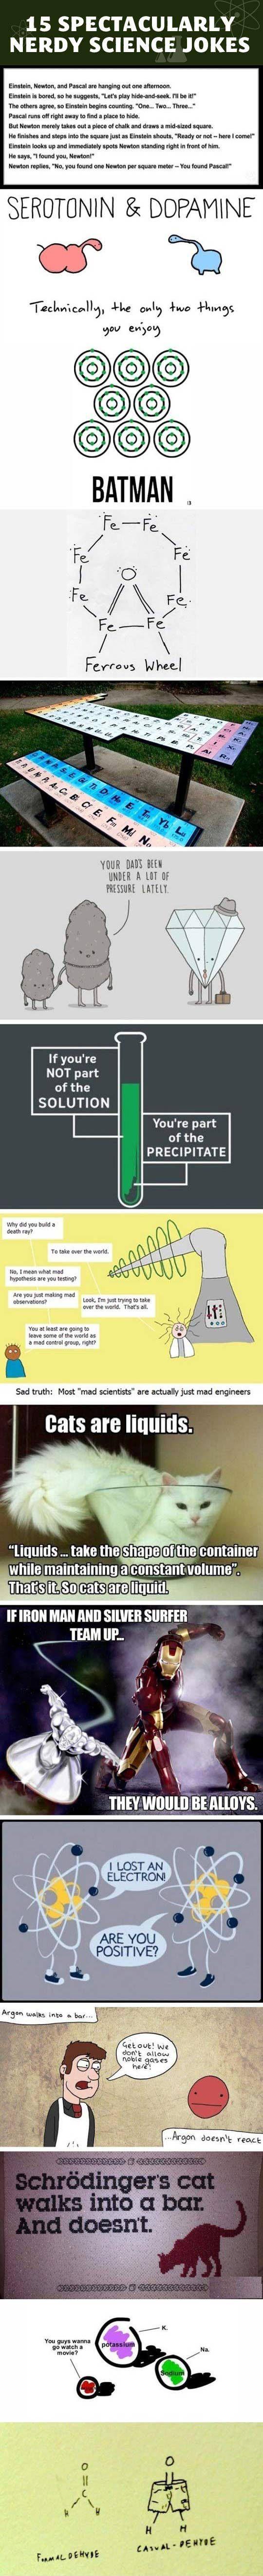 15 nerdy science jokes.